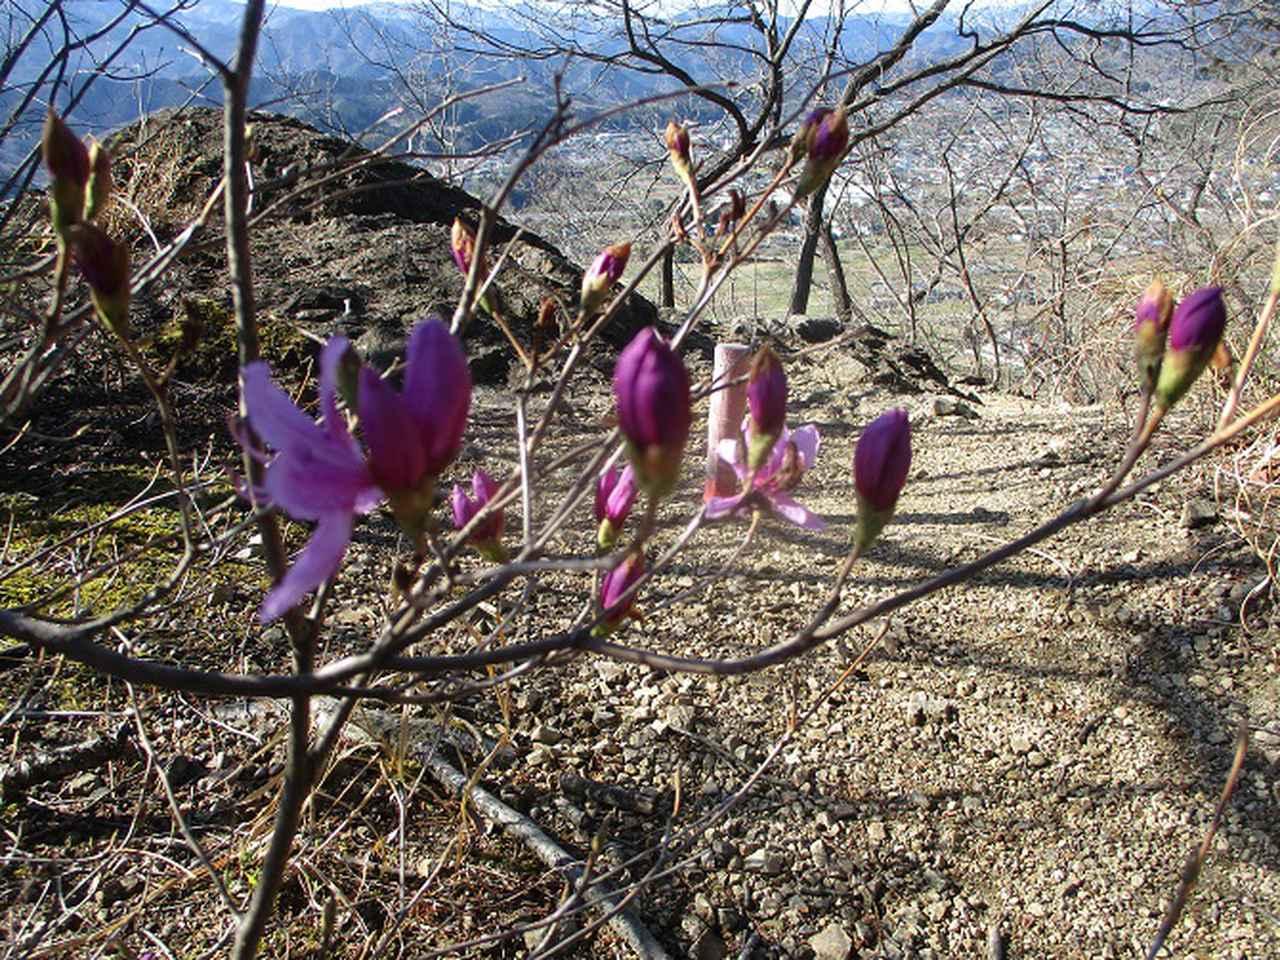 画像4: 4月の山旅会 神成山 の下見に行ってきました!